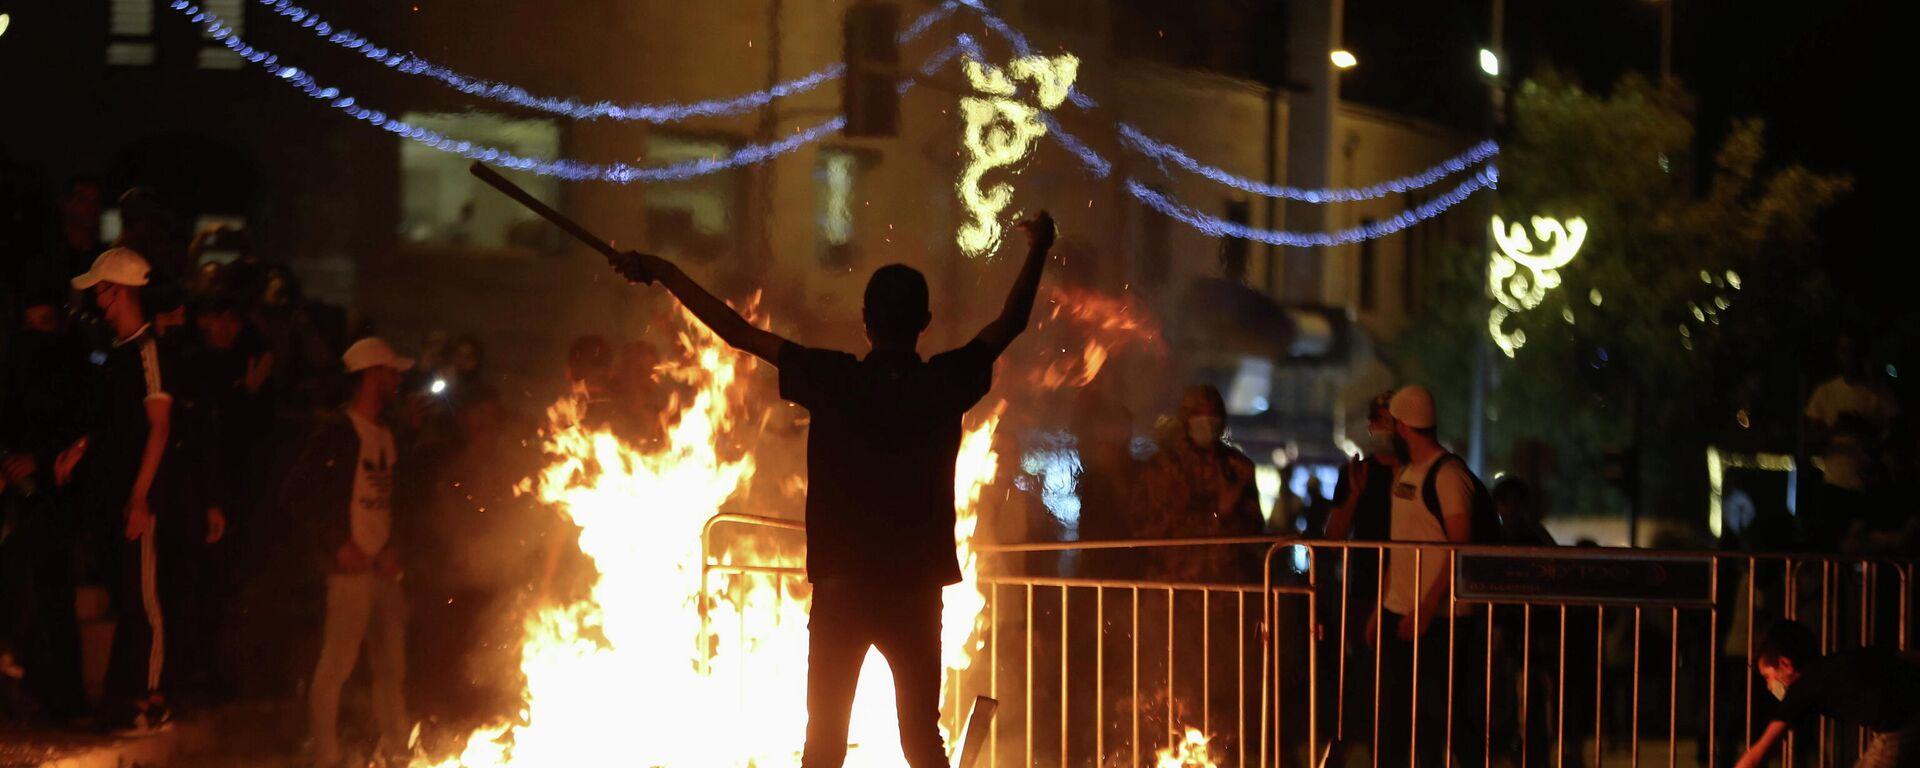 Protestas y disturbios en Jerusalén - Sputnik Mundo, 1920, 10.05.2021